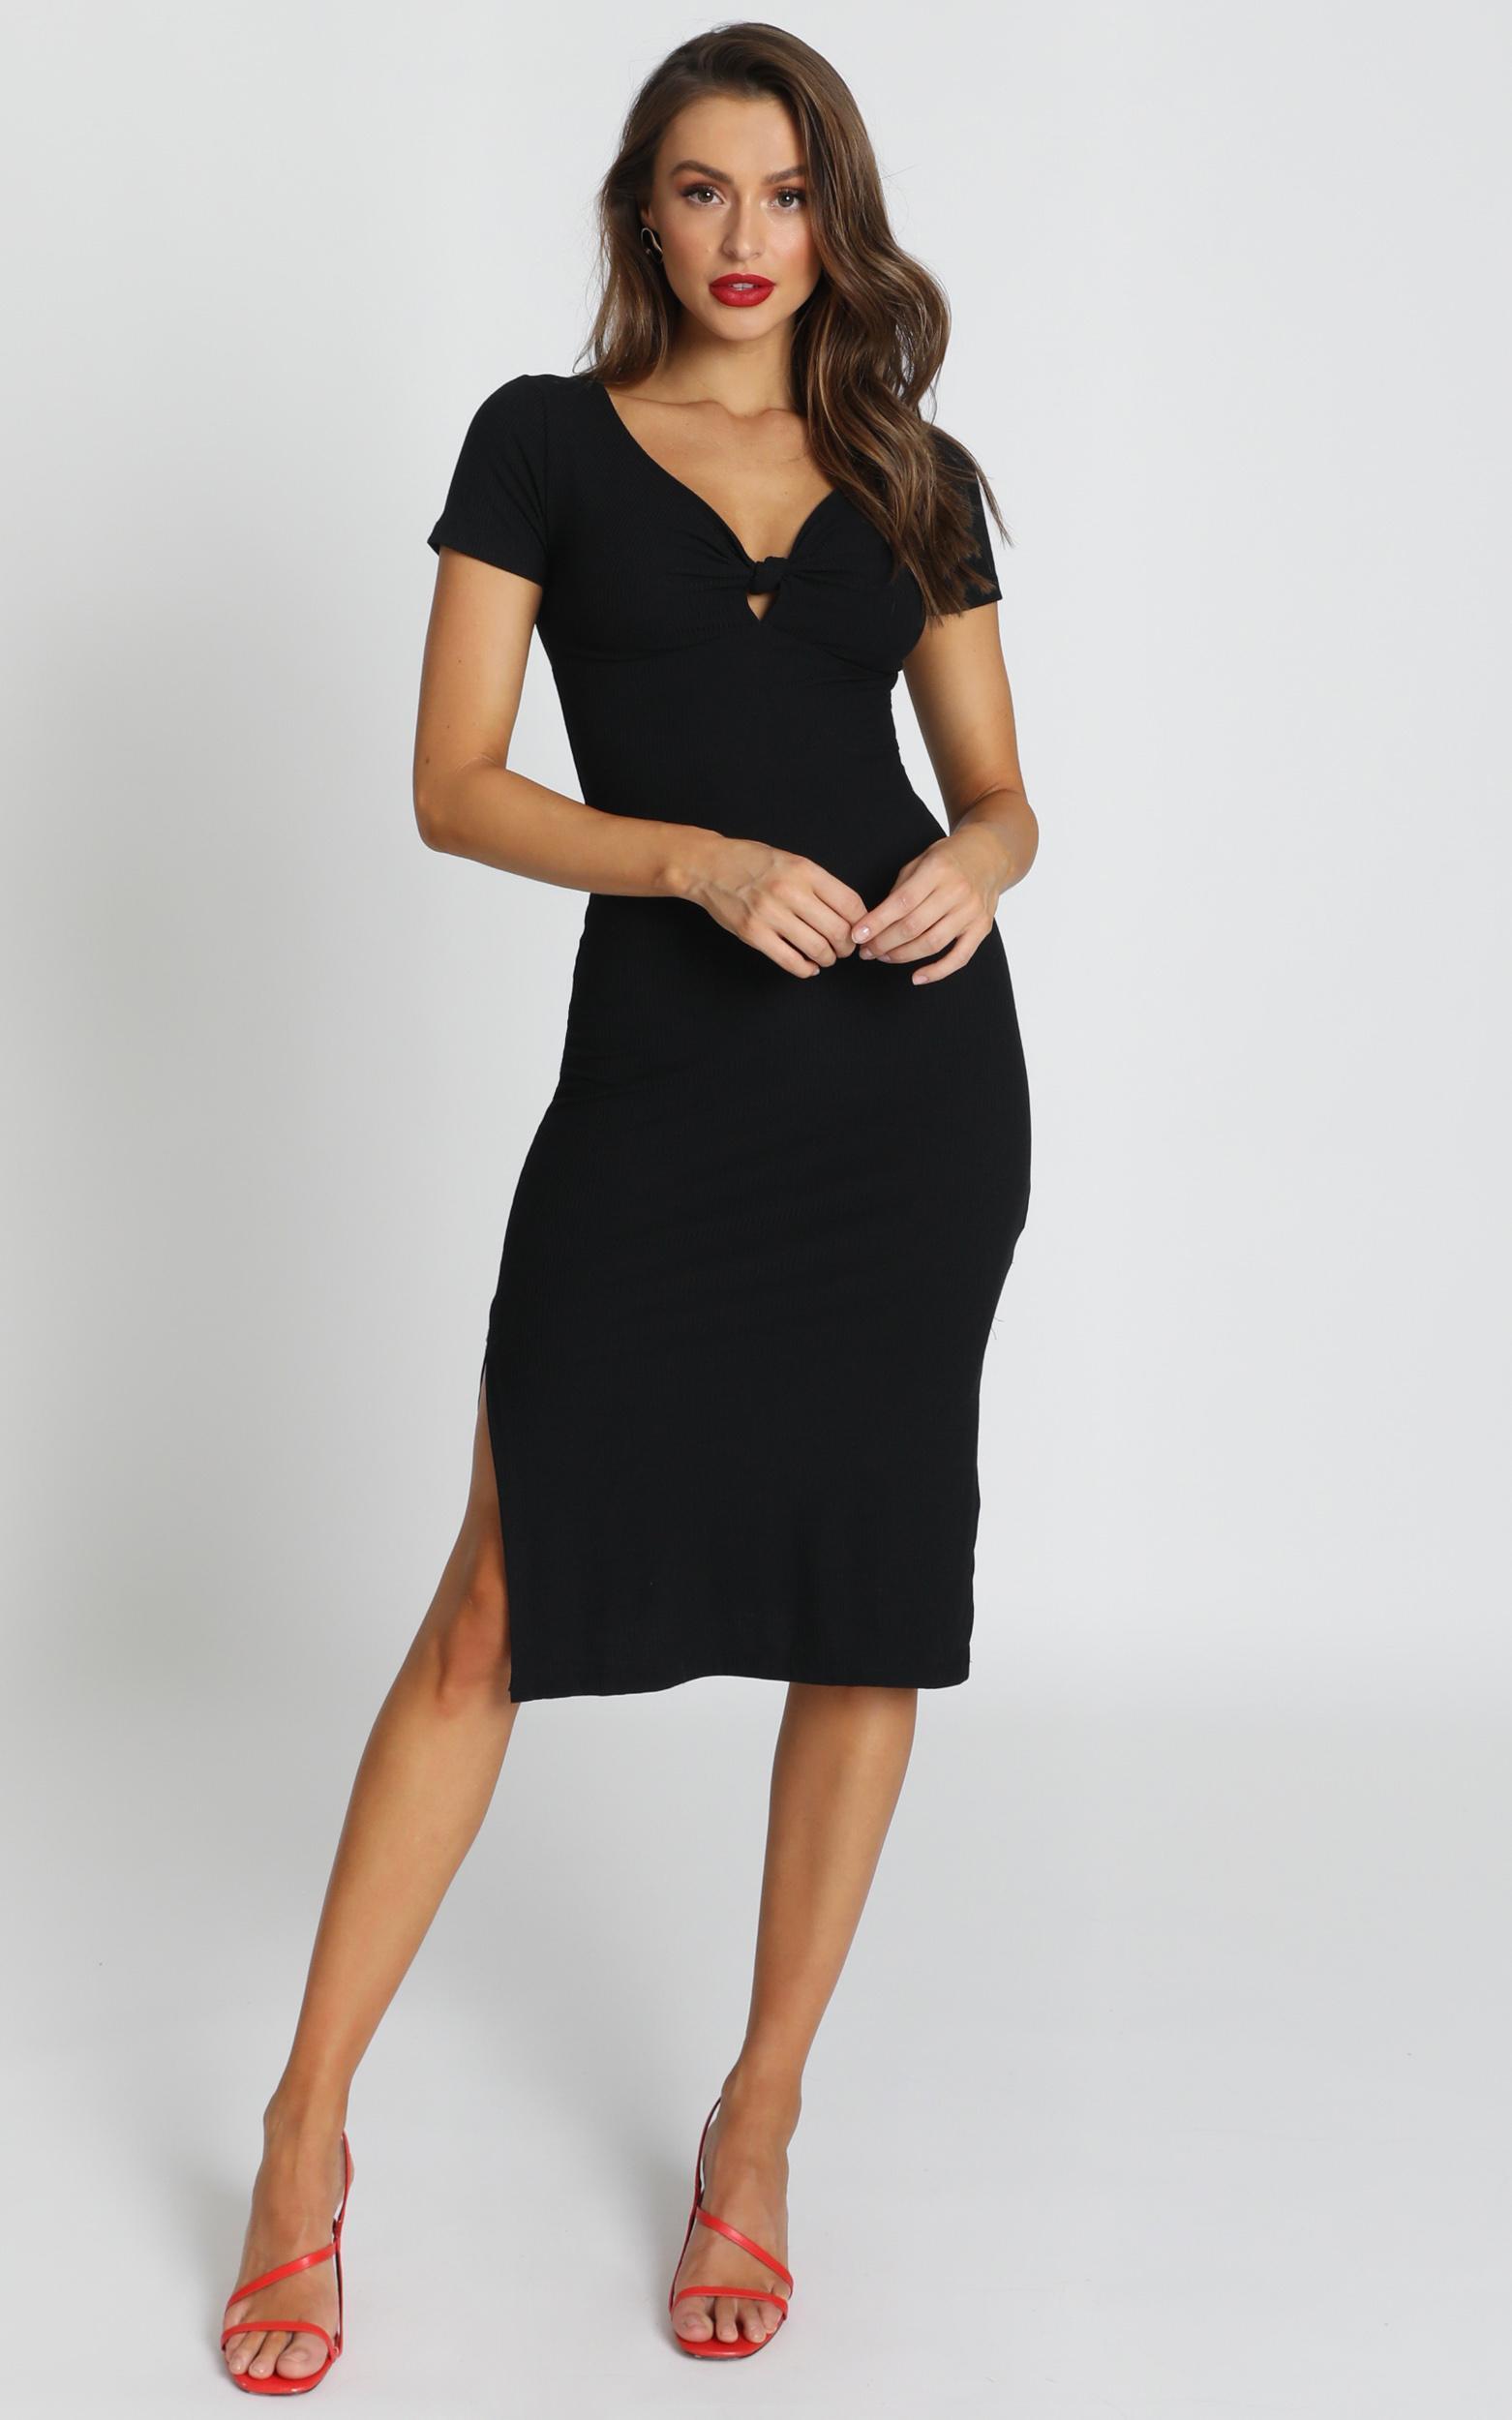 Jolene Dress in black - 14 (XL), Black, hi-res image number null